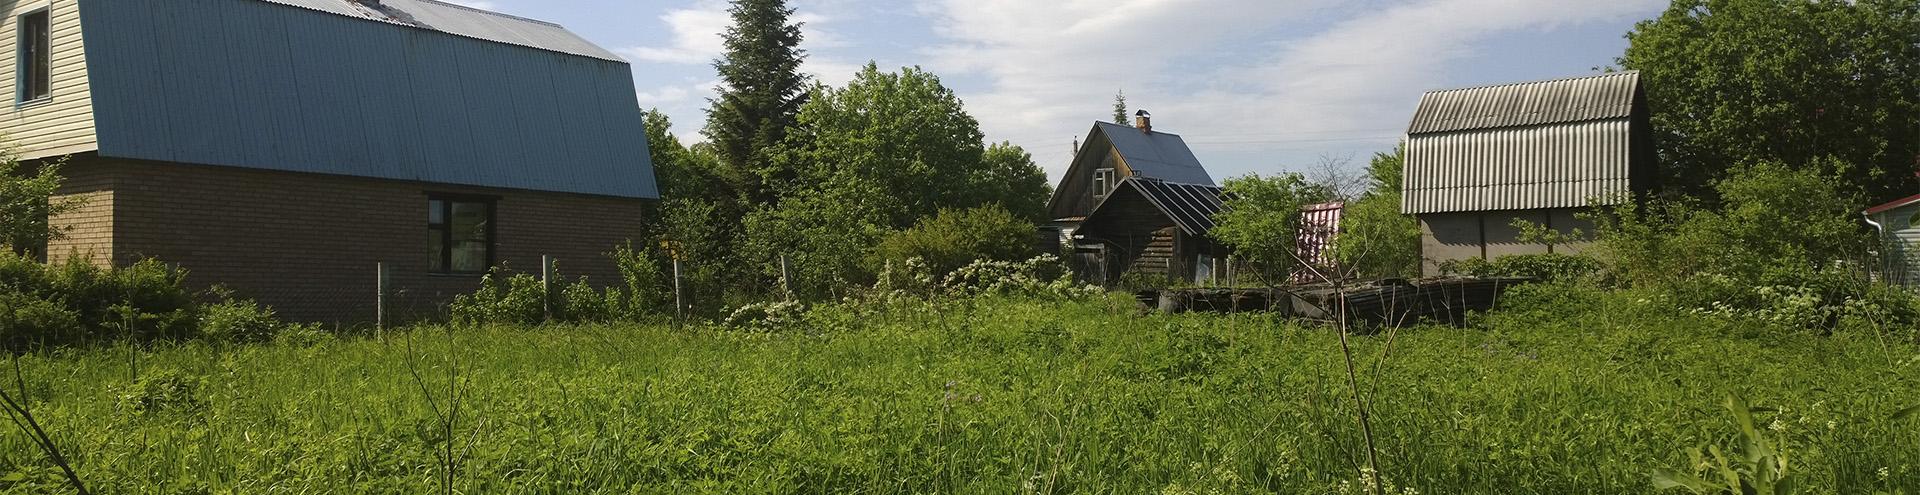 Перевод категории земель в Оренбурге и Оренбургской области